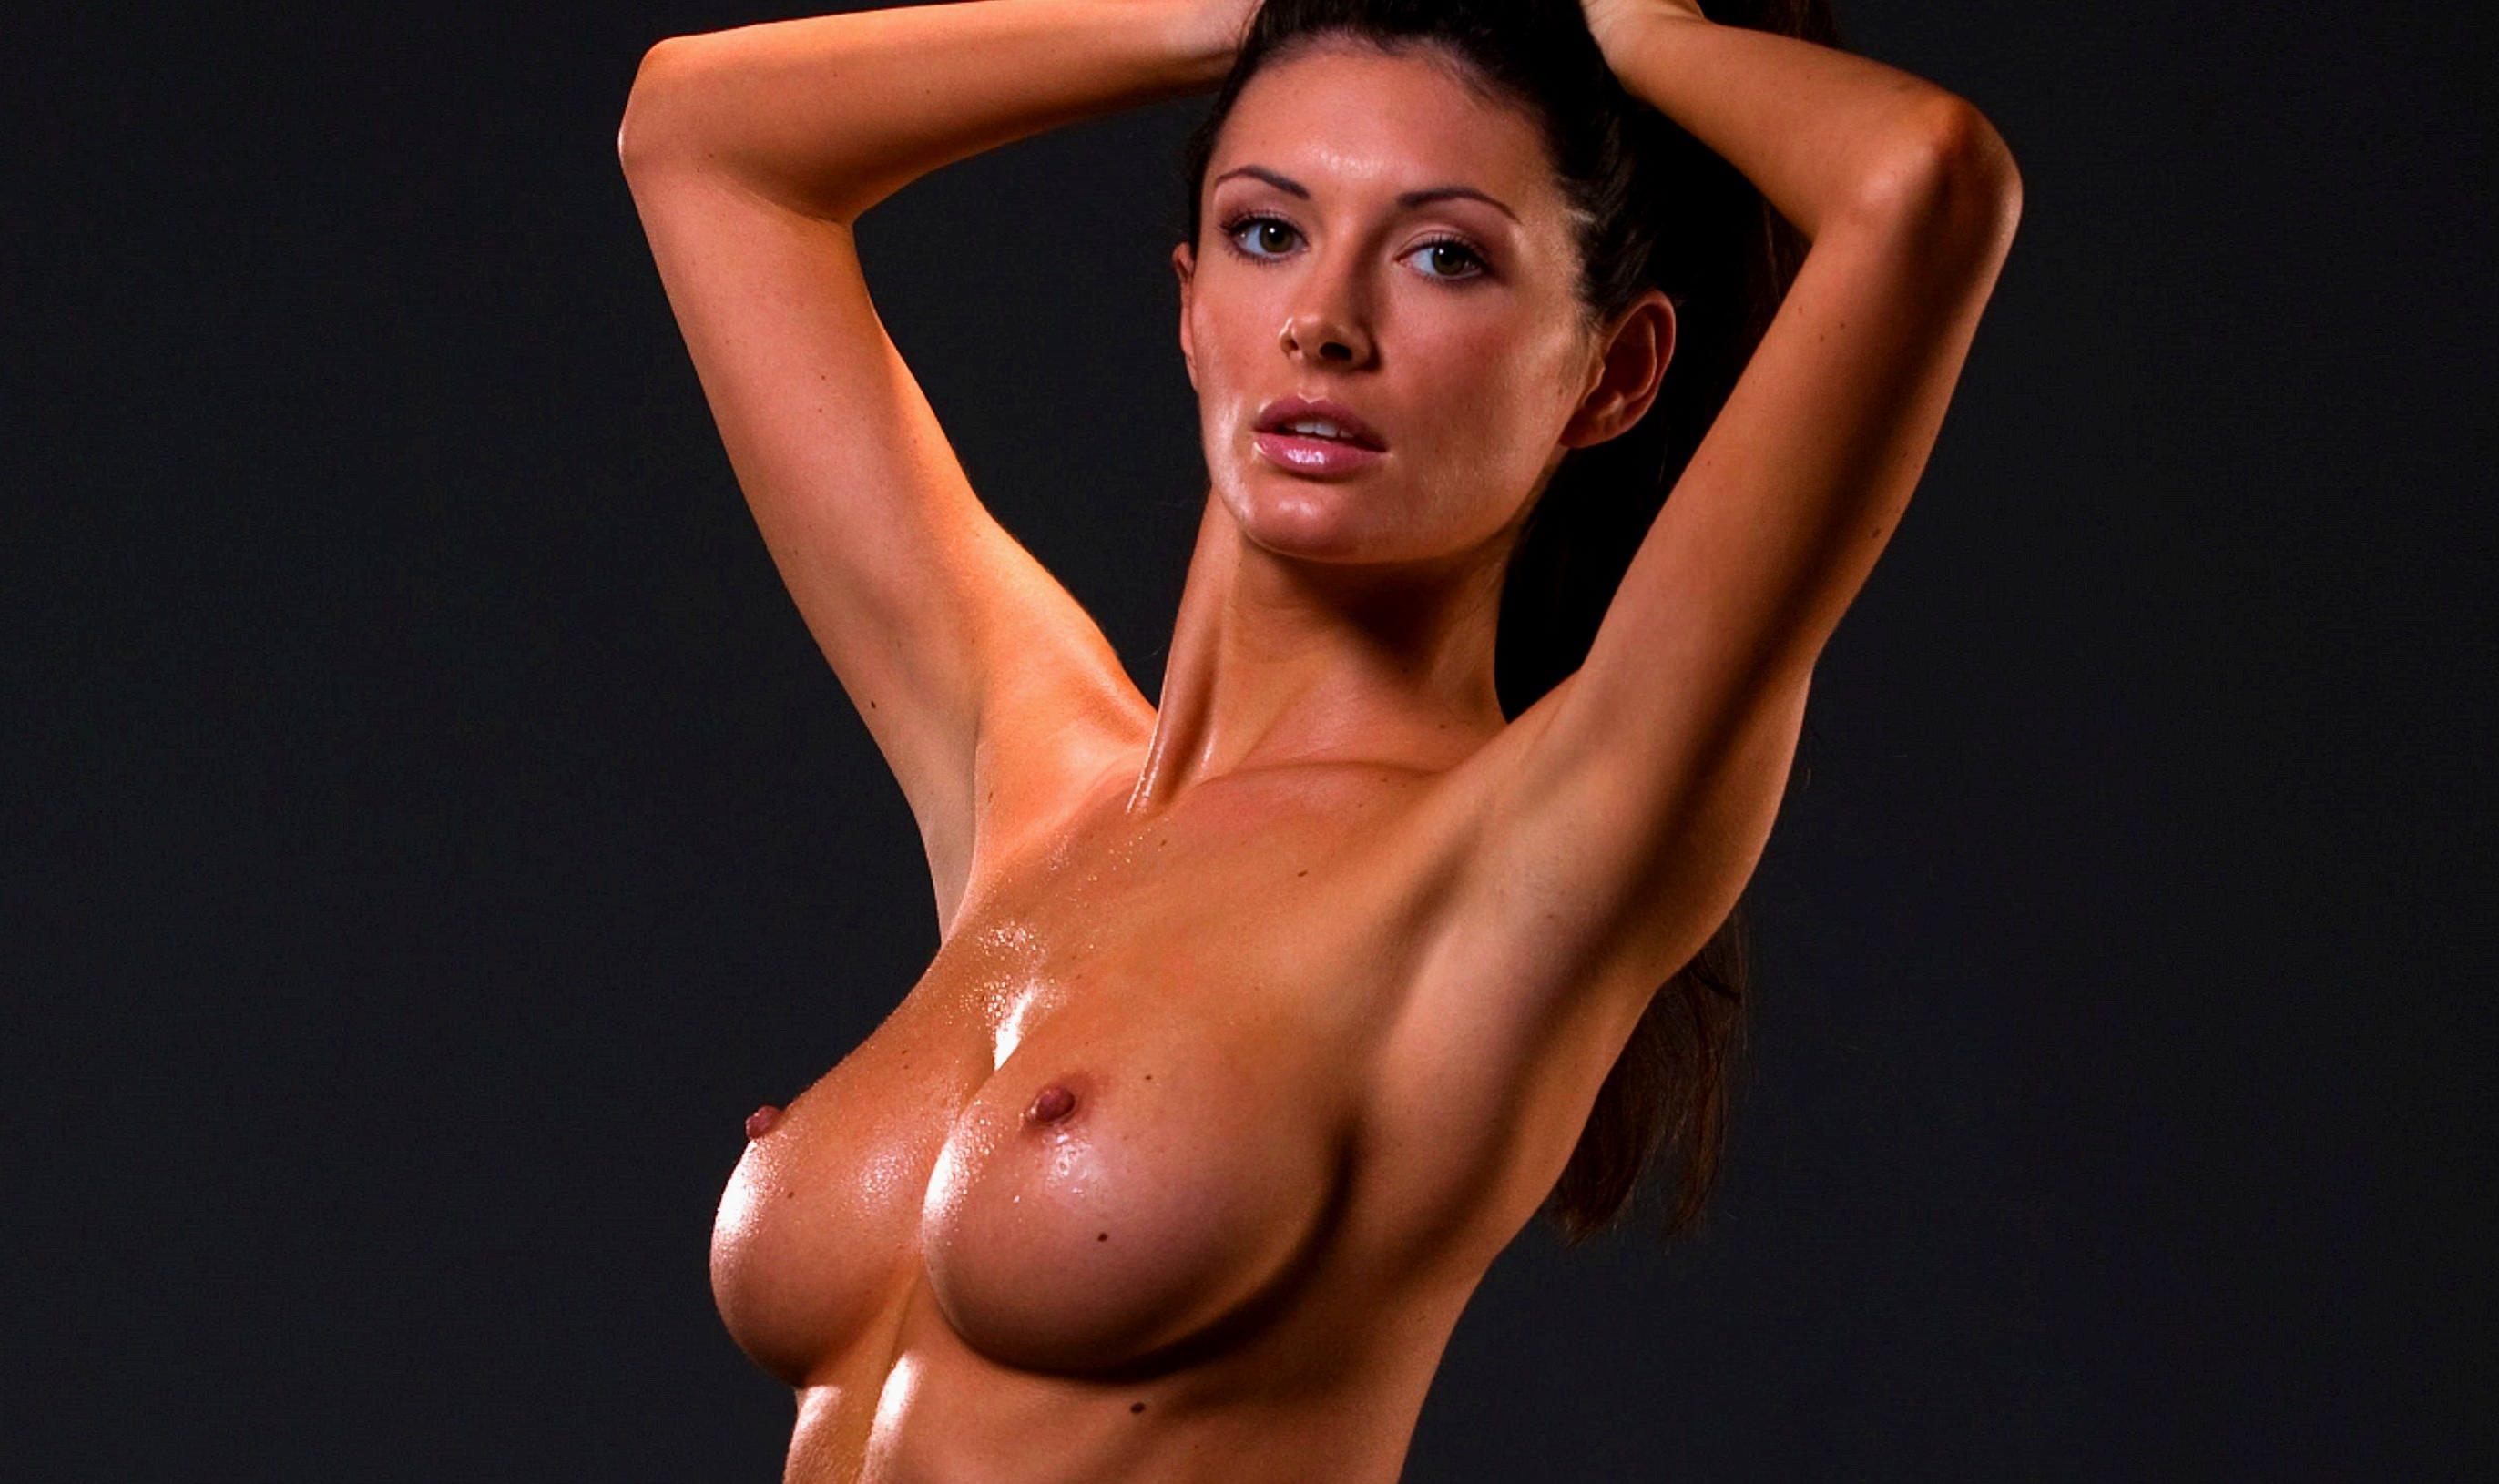 Упругая шикарная грудь порно, красивая грудь » Порно онлайн в хорошем качестве 4 фотография